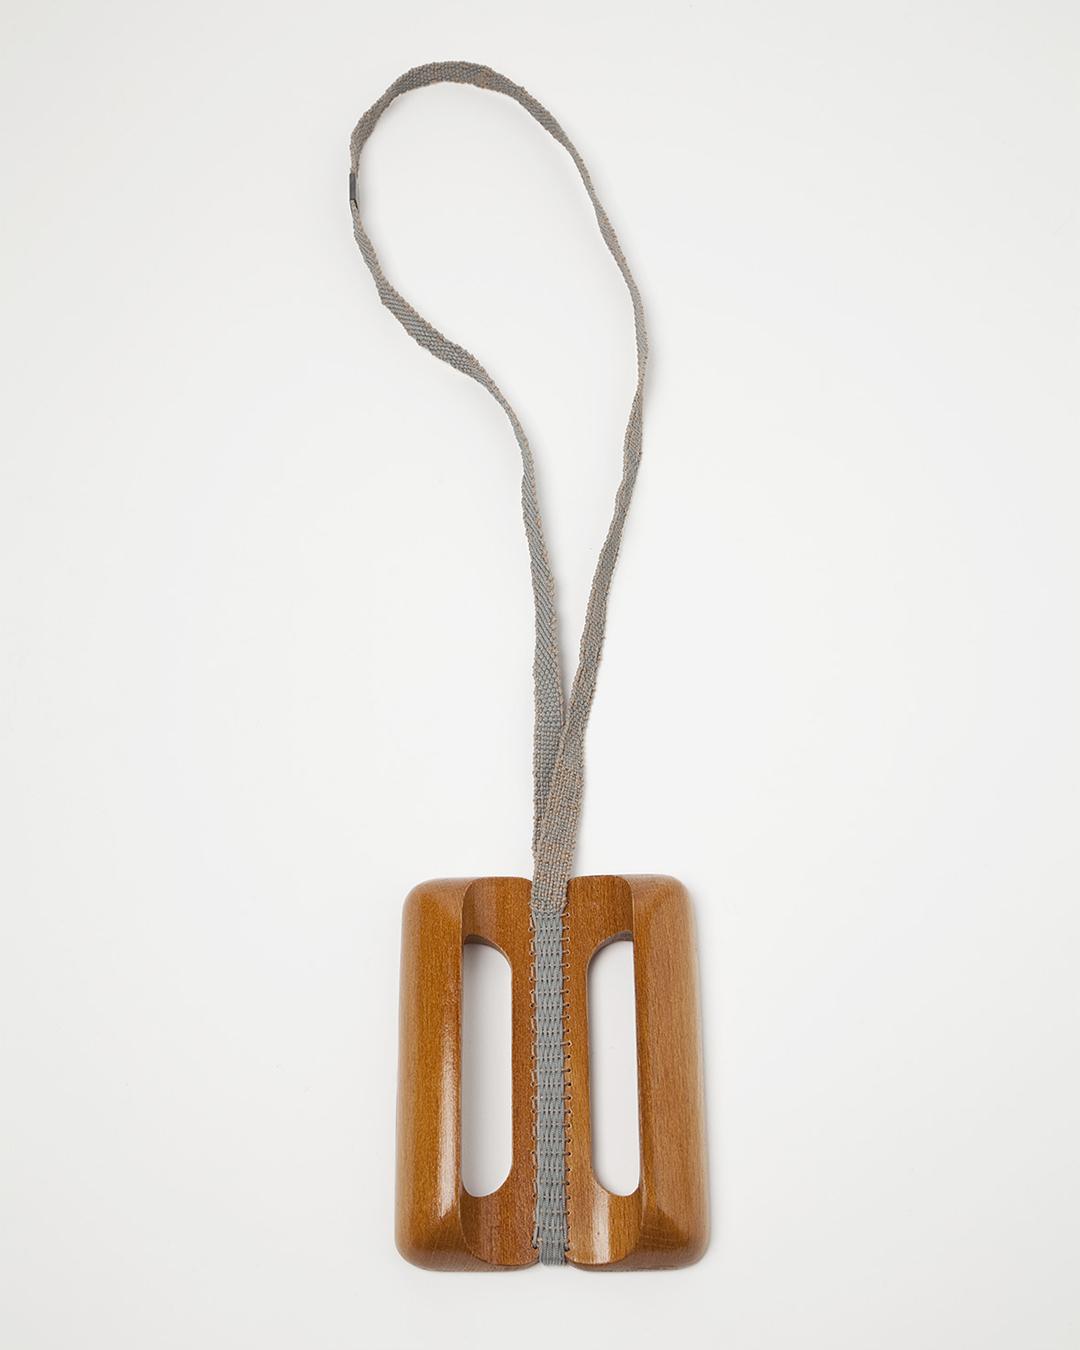 Barbara Schrobenhauser, Vom Tragen und Halten VI, 2018, necklace; used wooden handles, woven string, 470 x 90 x 20 mm, €700